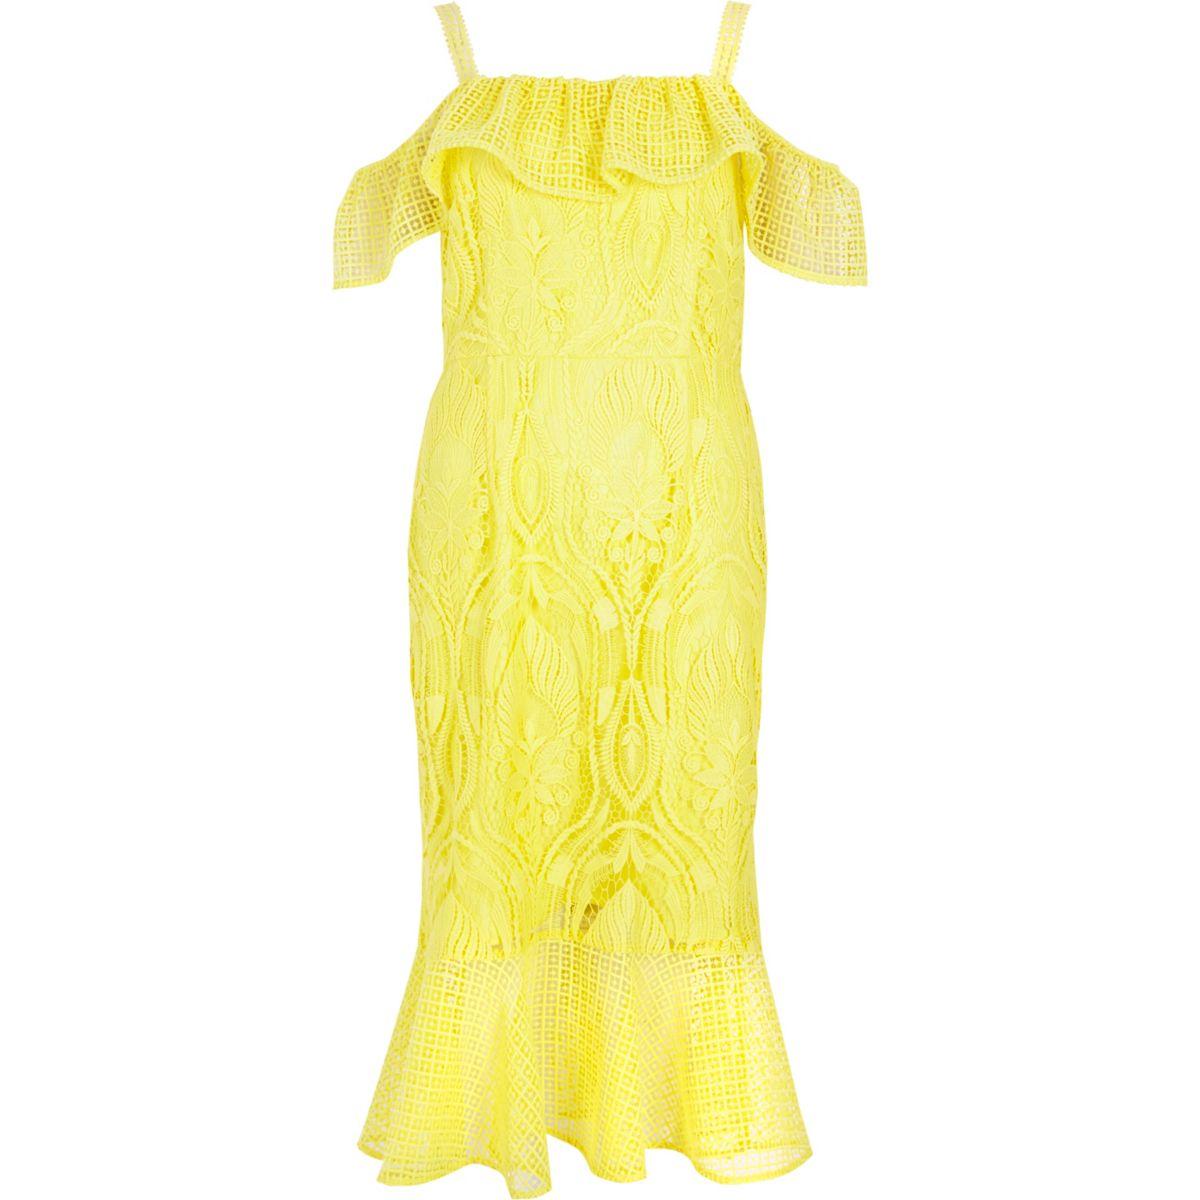 Yellow lace peplum hem occasion dress